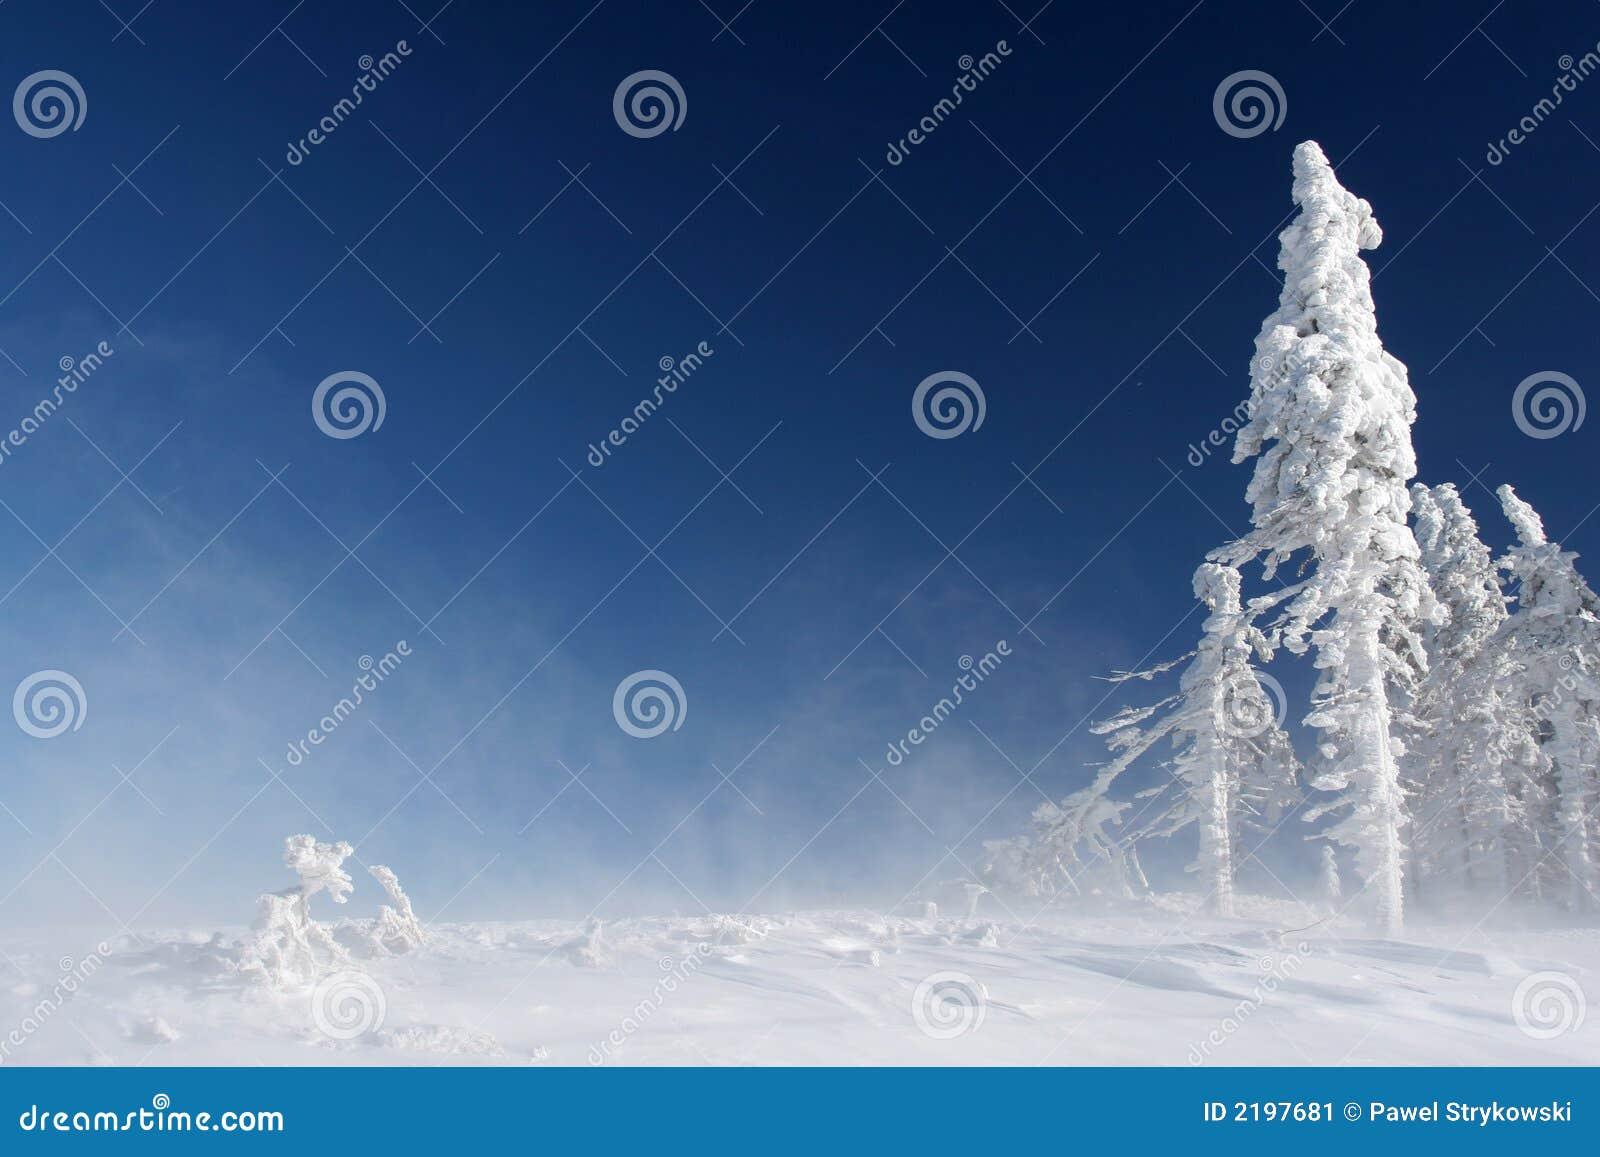 Pinnacle of mountain